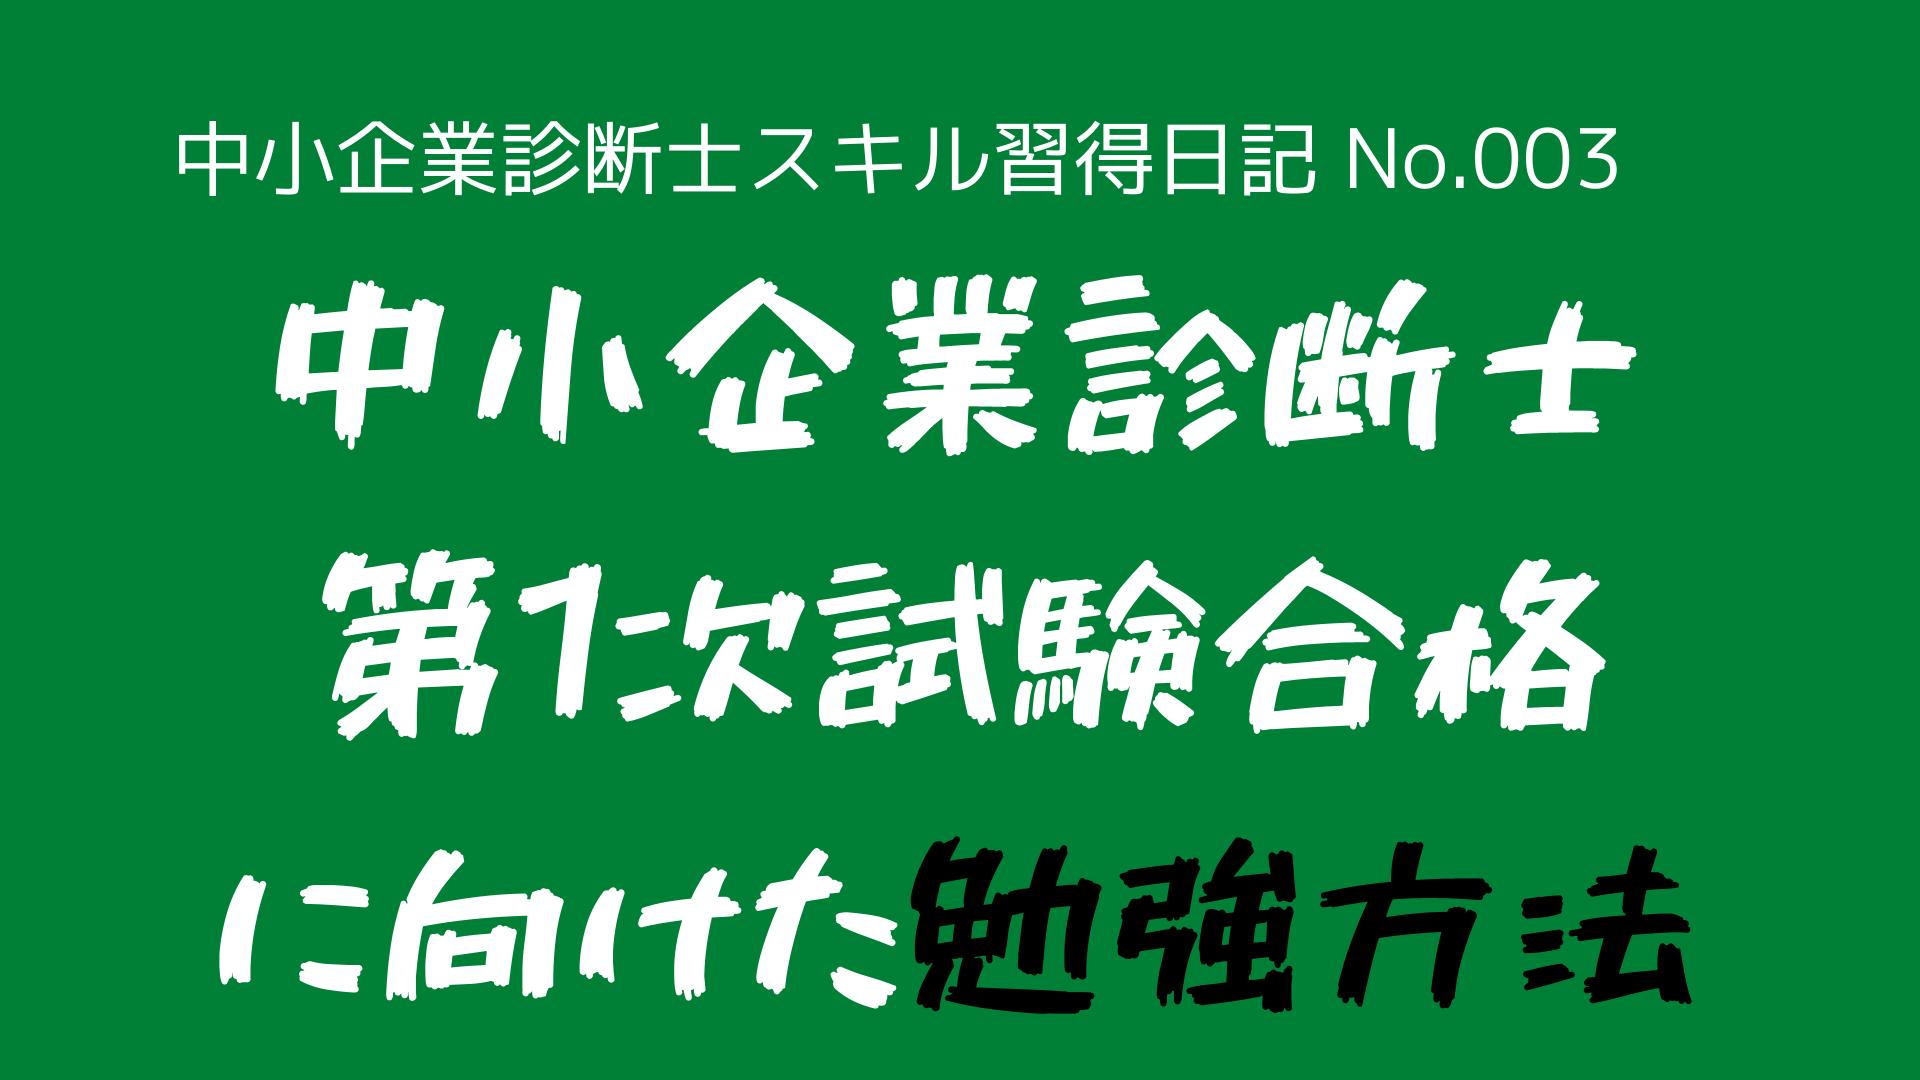 (中小企業診断士スキル習得日記-No.003)『中小企業診断士(第1次試験)』に合格するため、どのような勉強をするか?